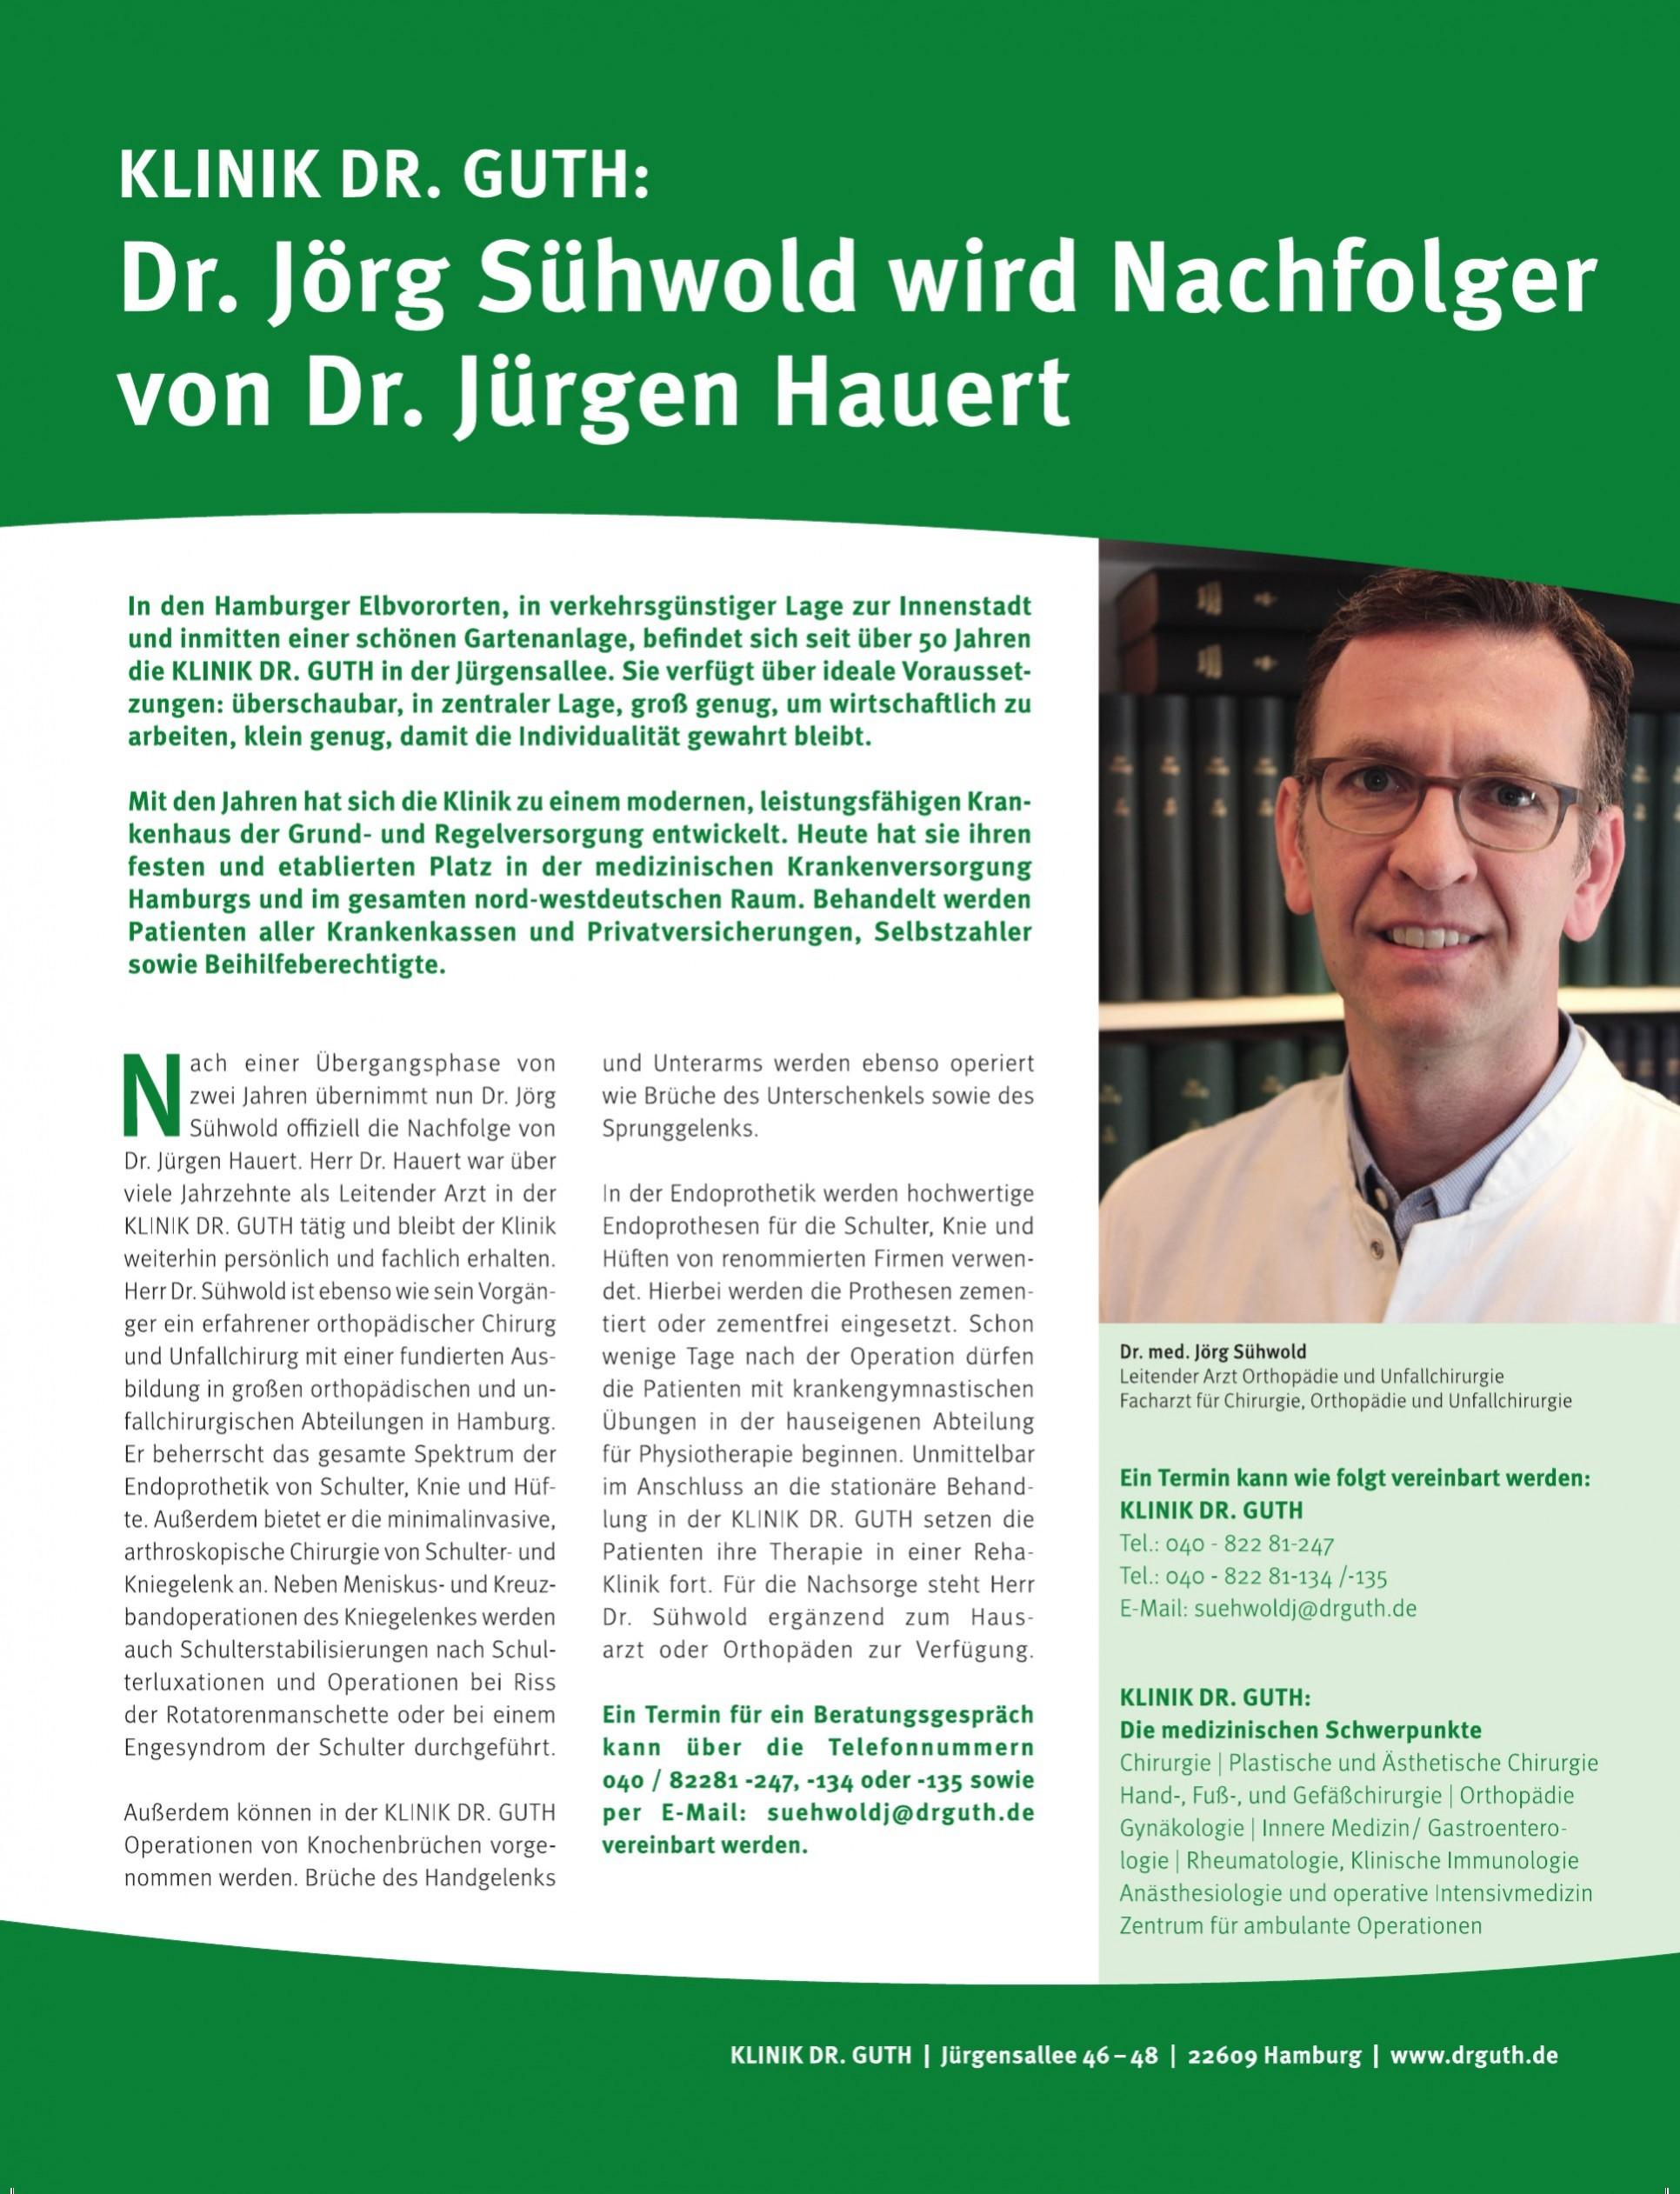 Klinik Dr. Guth der Klinikgruppe Dr. Guth